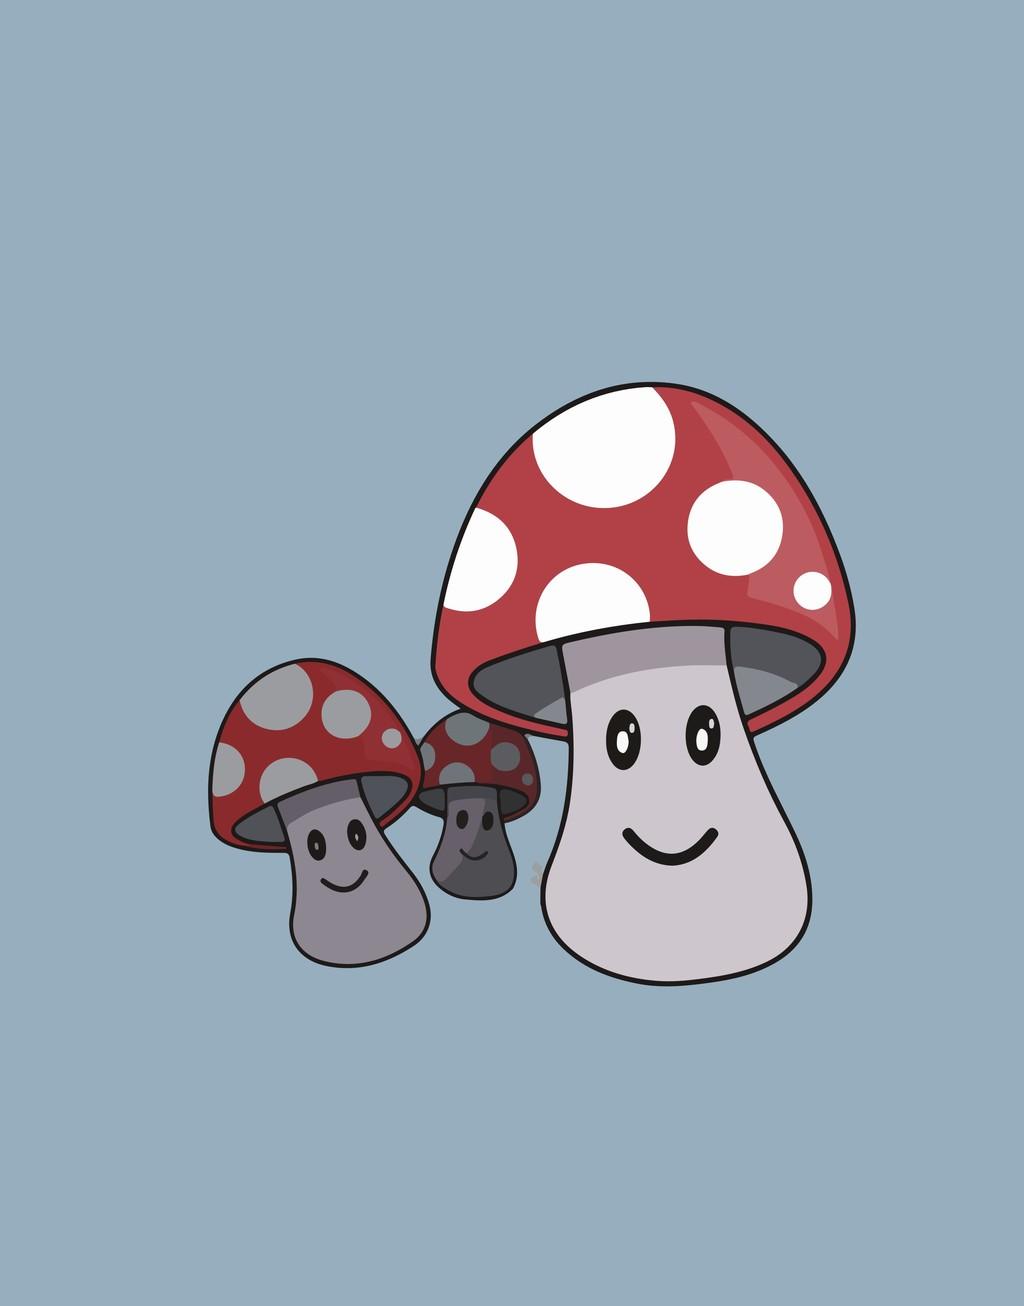 卡通图案插画装饰插画蘑菇图片设计素材 高清其他模板下载 0.24MB